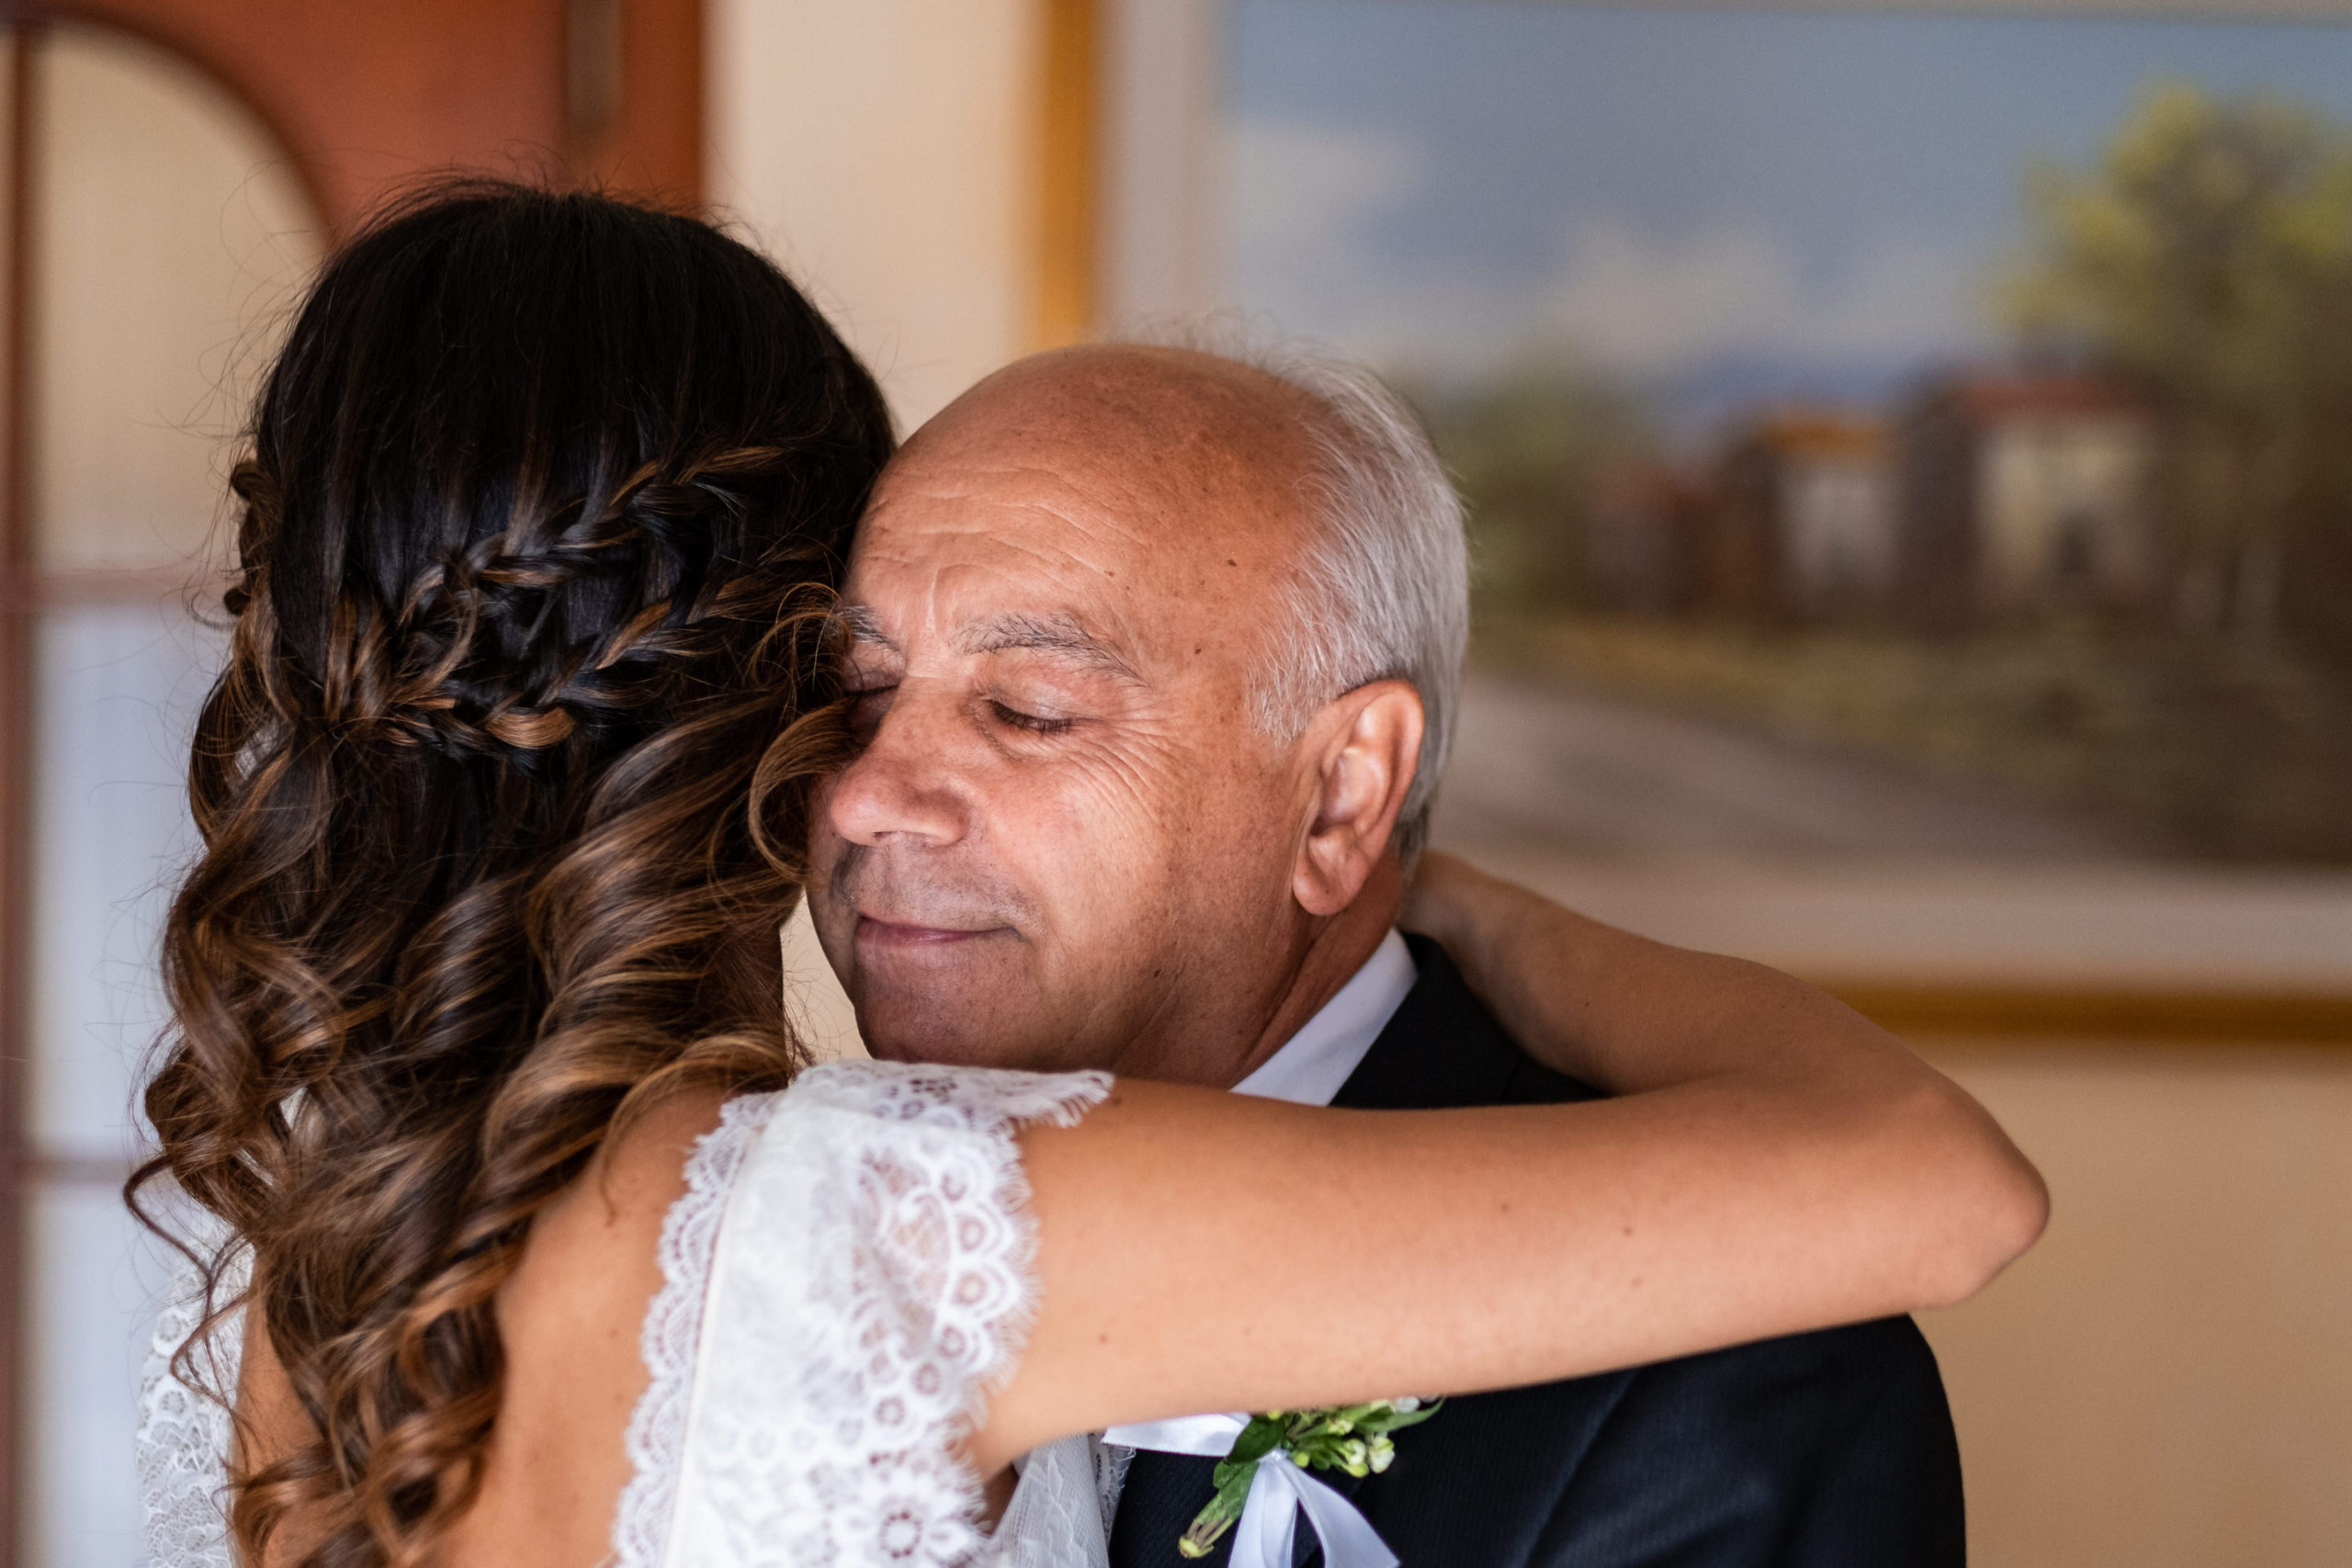 Bride Hug Dad